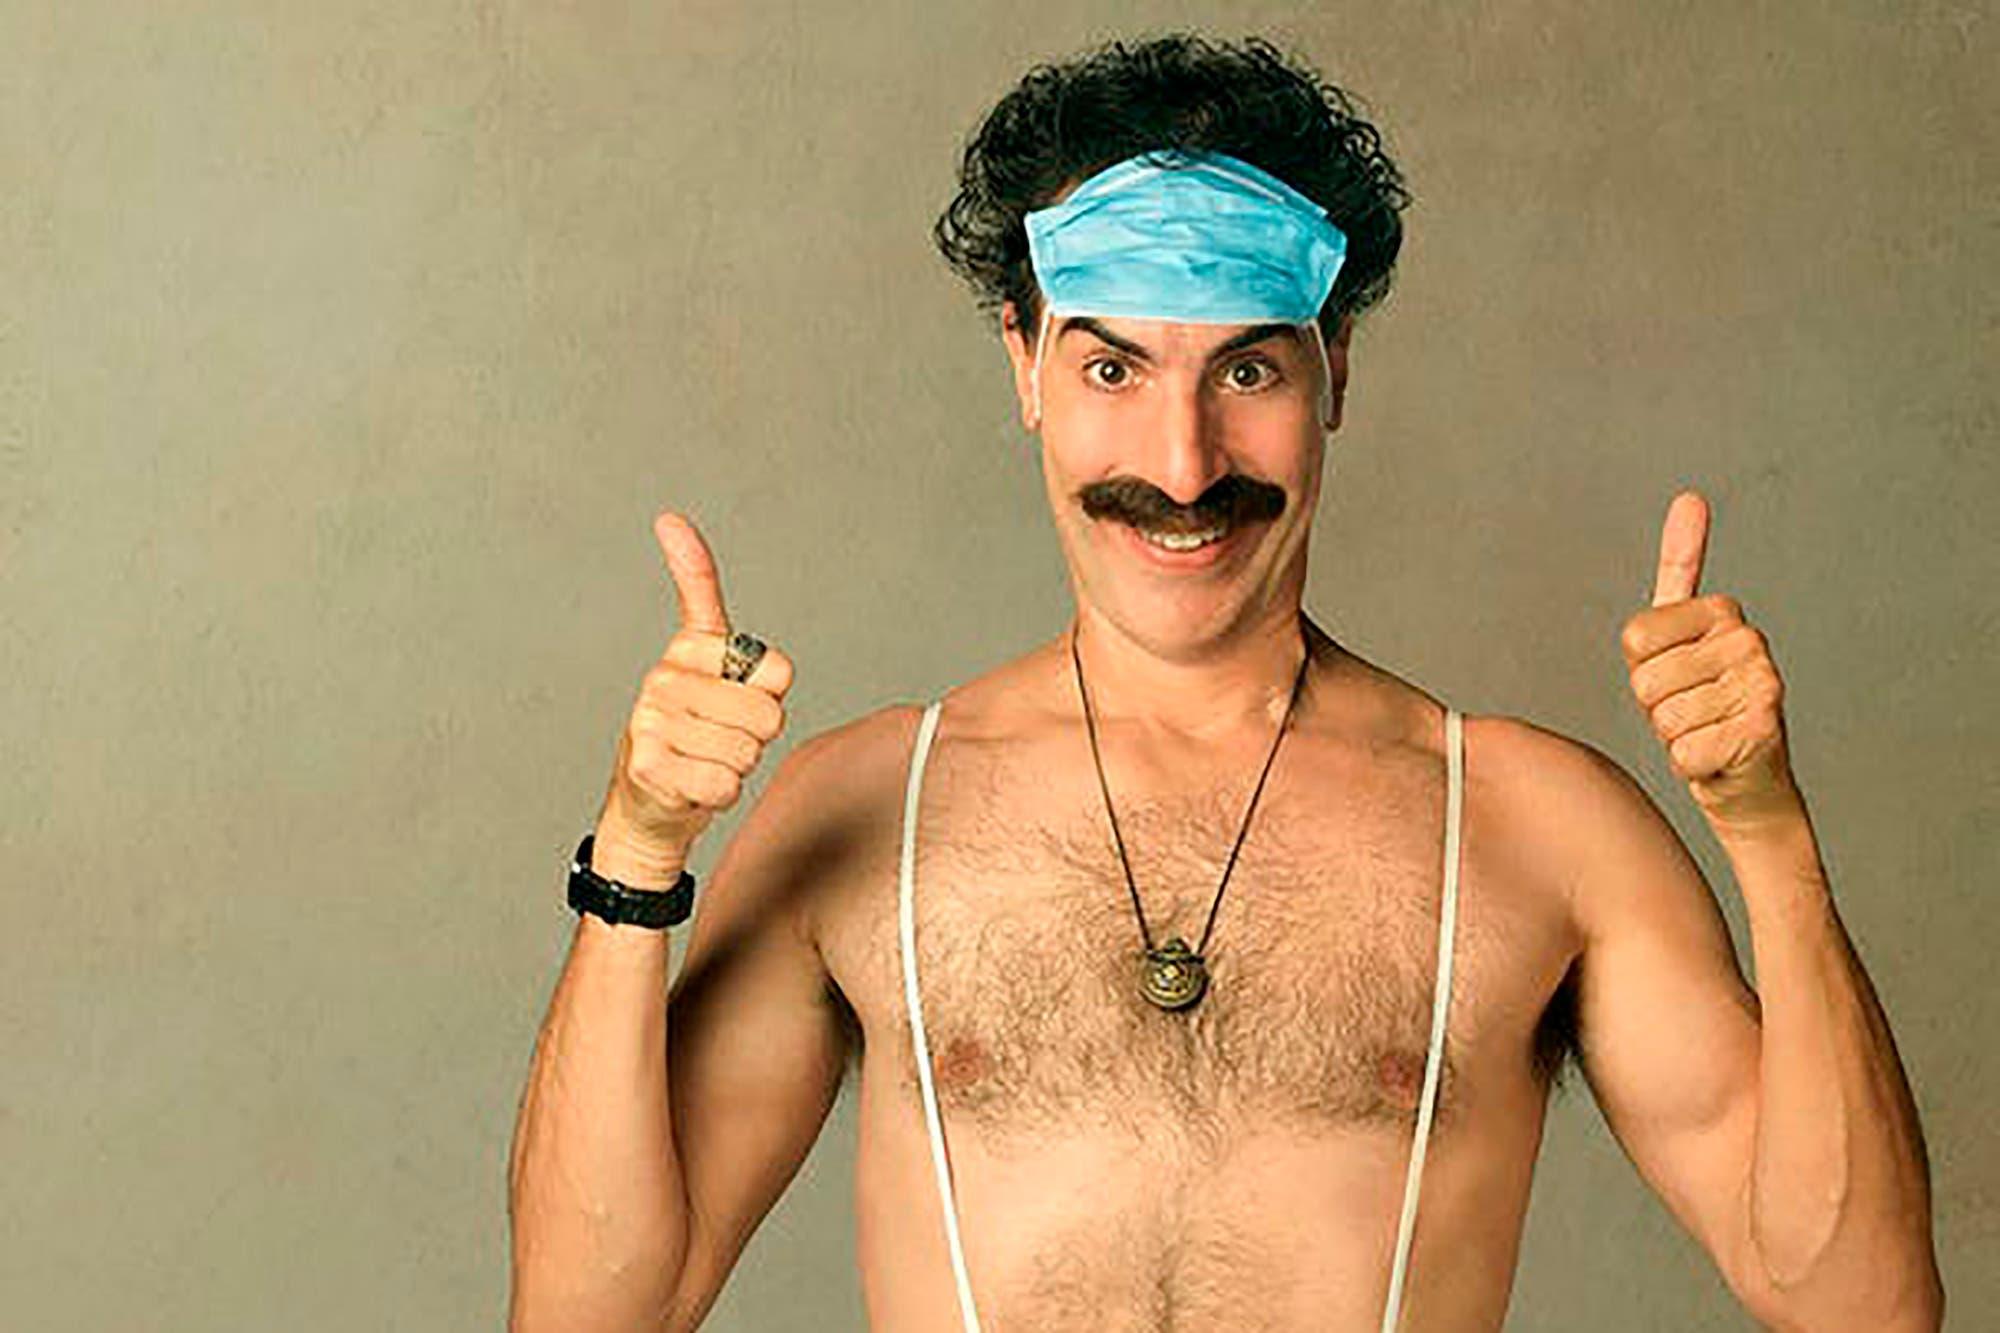 Streaming: Borat no corre riesgos a la hora de burlarse de los norteamericanos con su humor cloacal